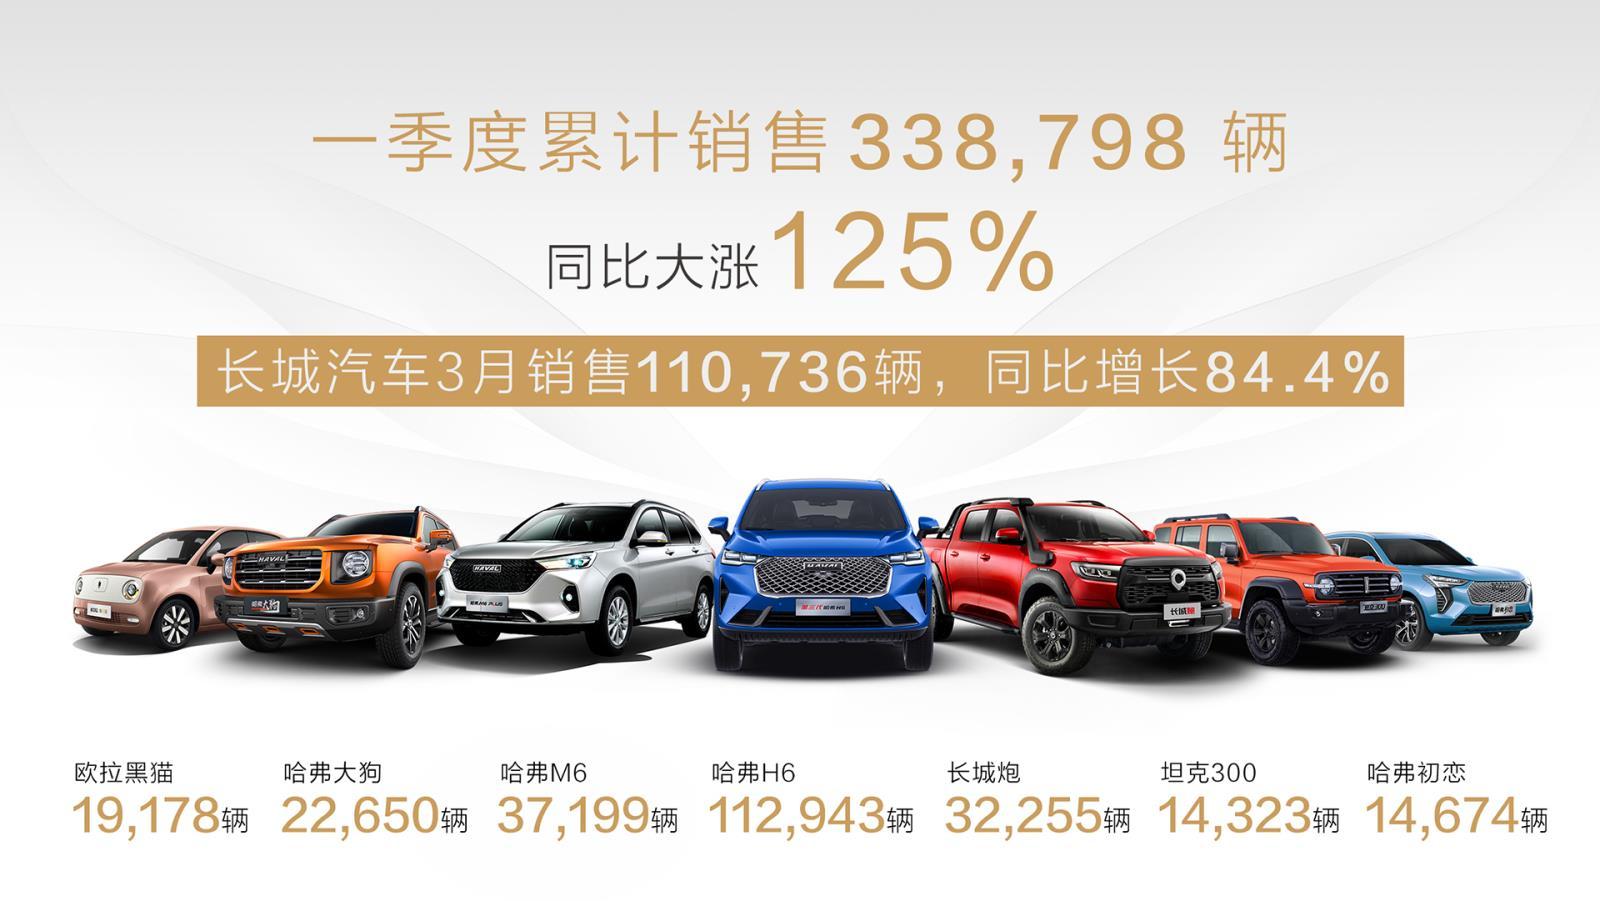 长城汽车一季度销量数据 .jpeg